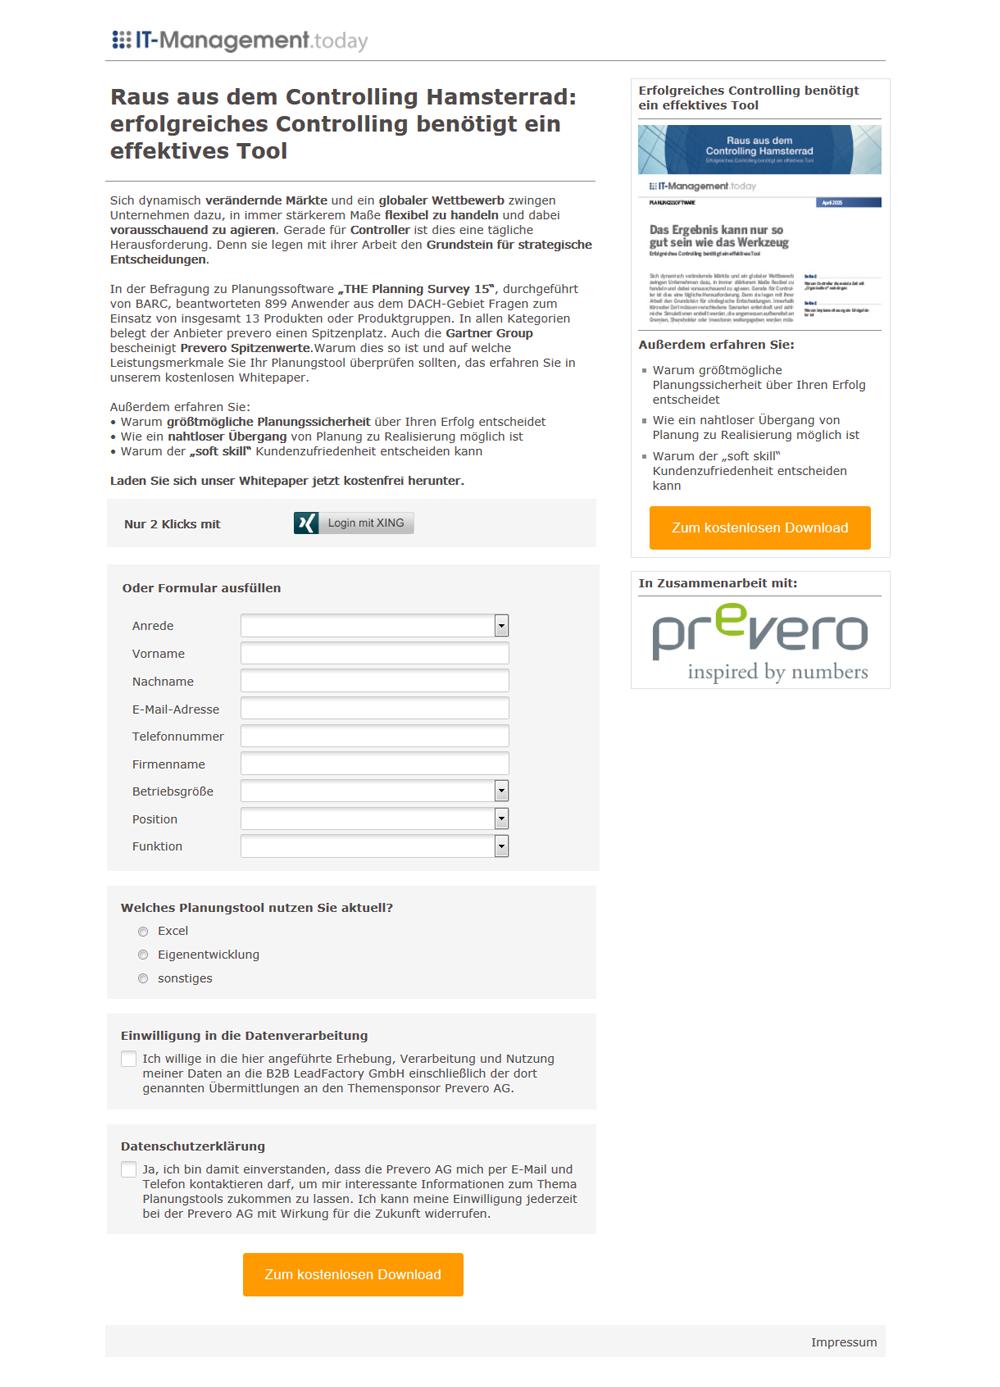 Referenz_Kampagne_prevero_Erfolgreiches Controlling benötigt ein effektives Tool